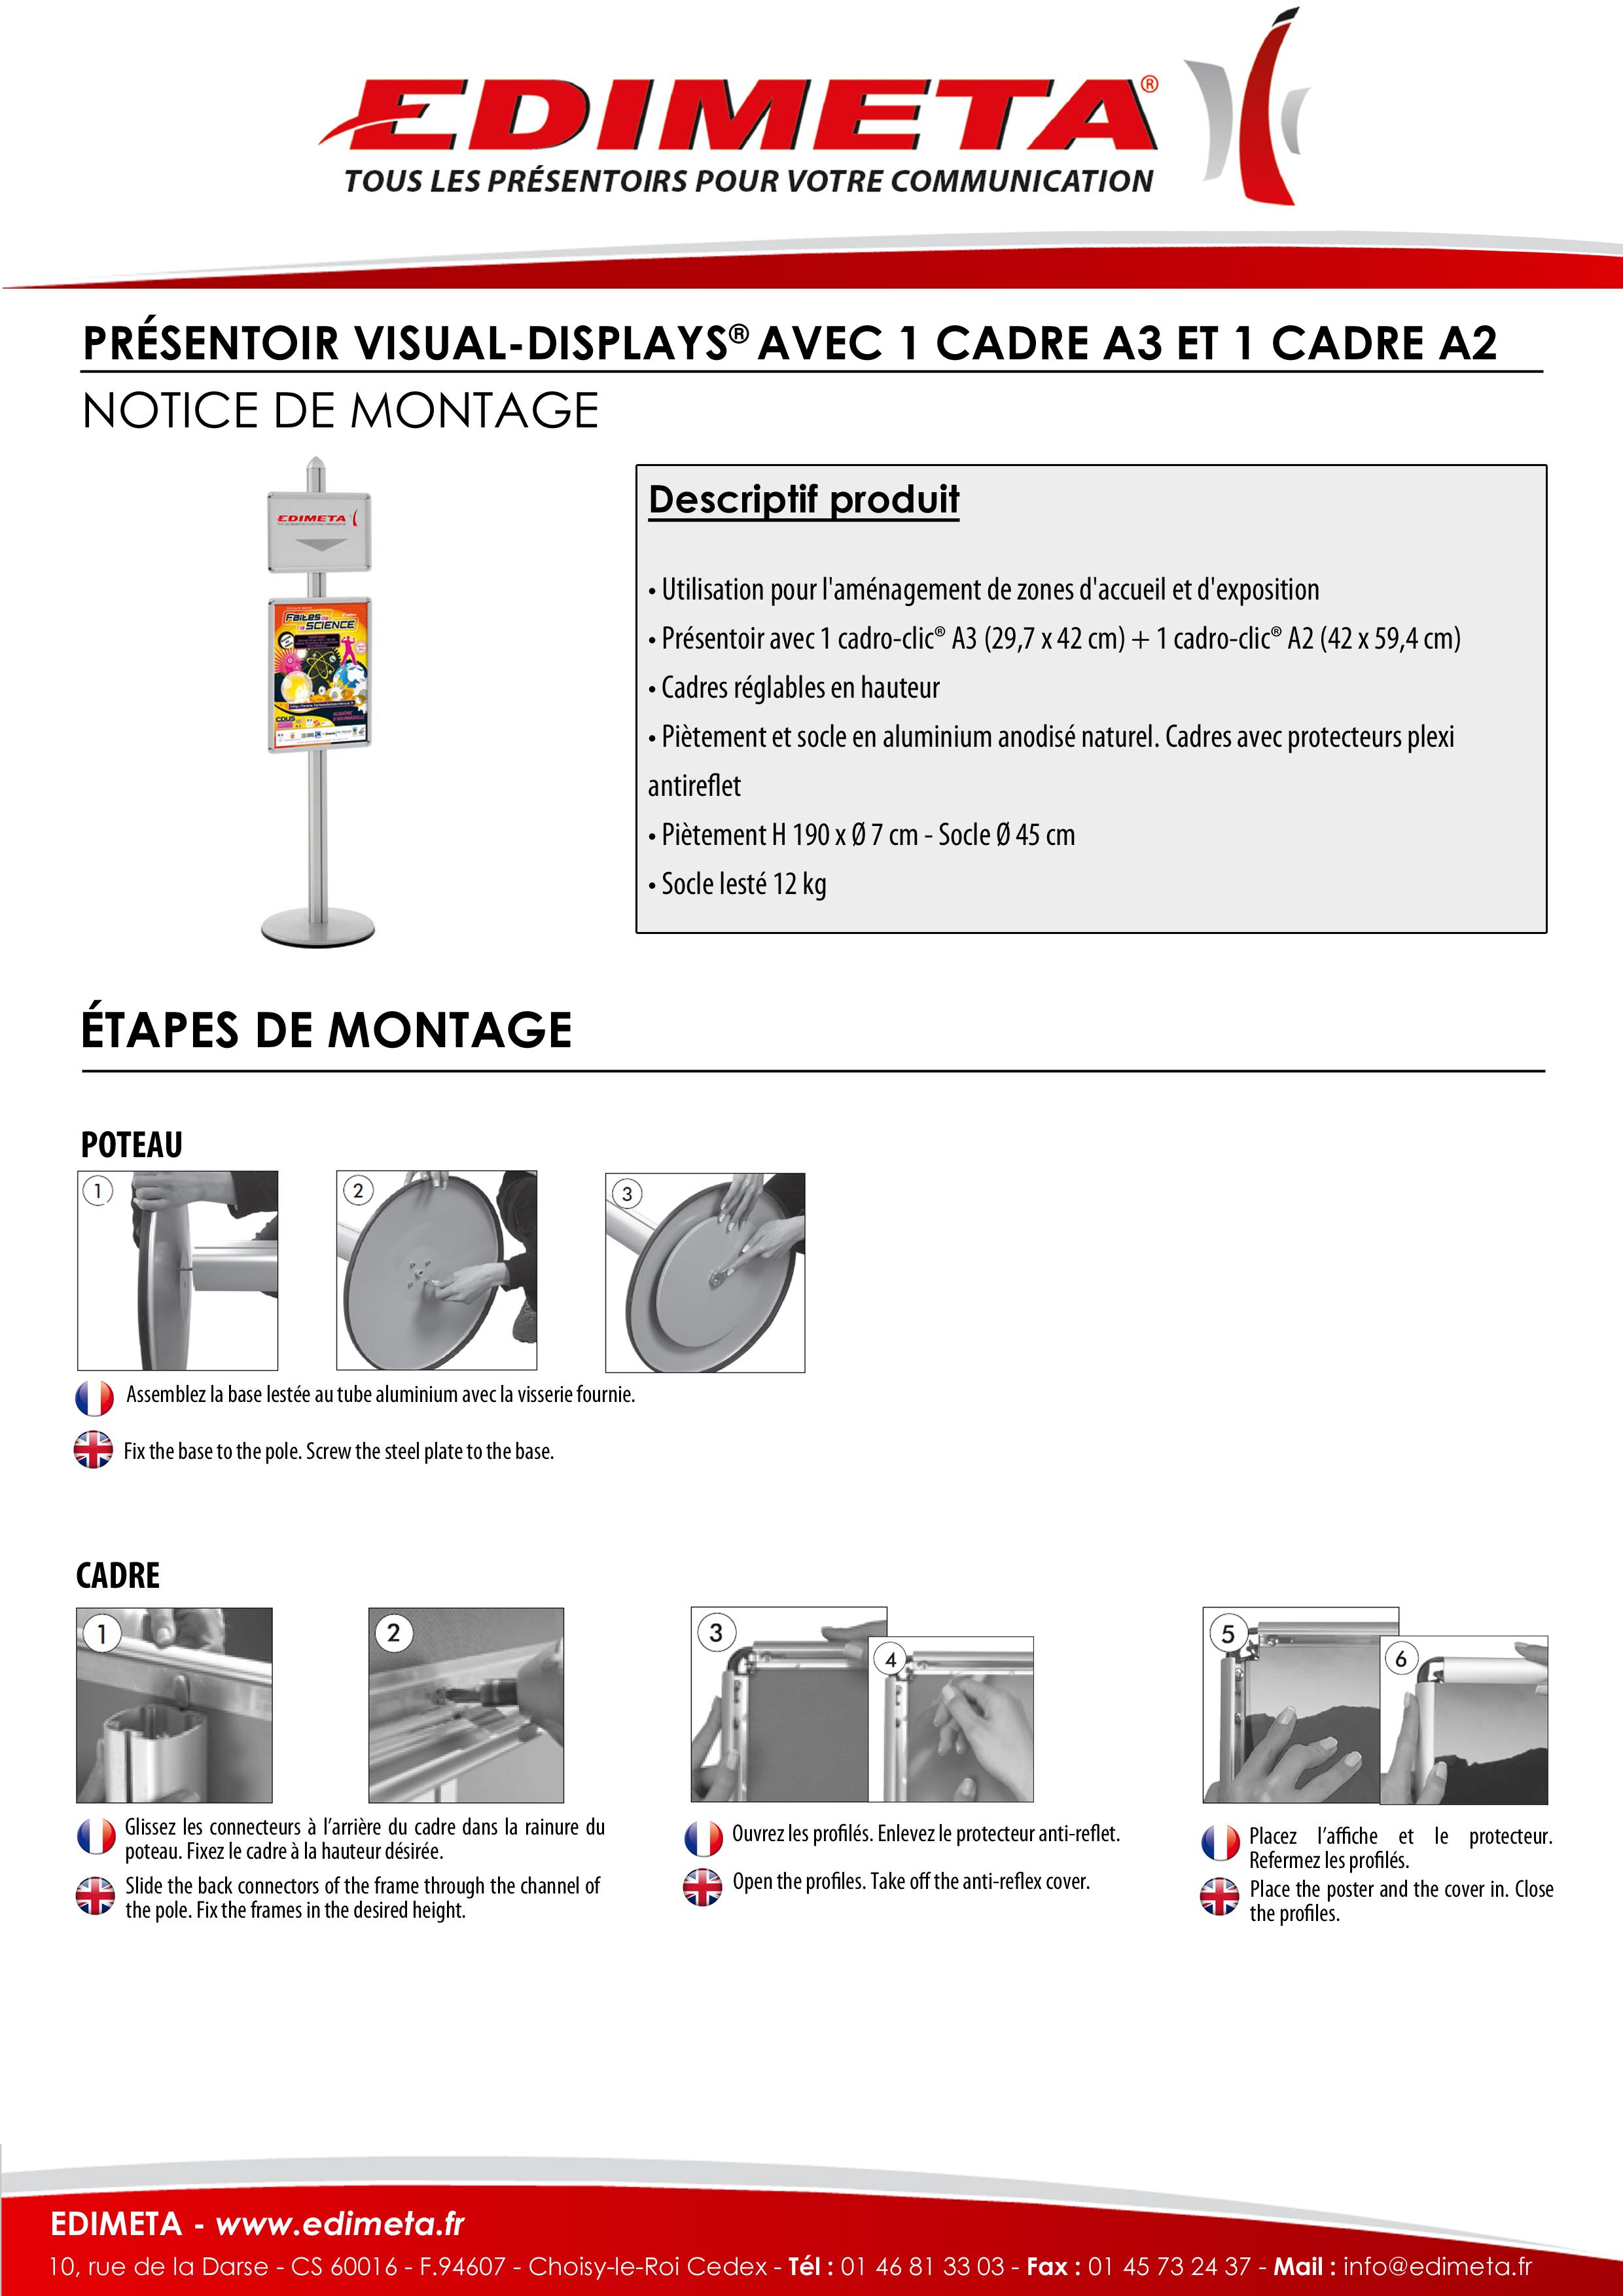 NOTICE DE MONTAGE : PRÉSENTOIR VISUAL-DISPLAYS® AVEC 1 CADRE A3 ET 1 CADRE A2